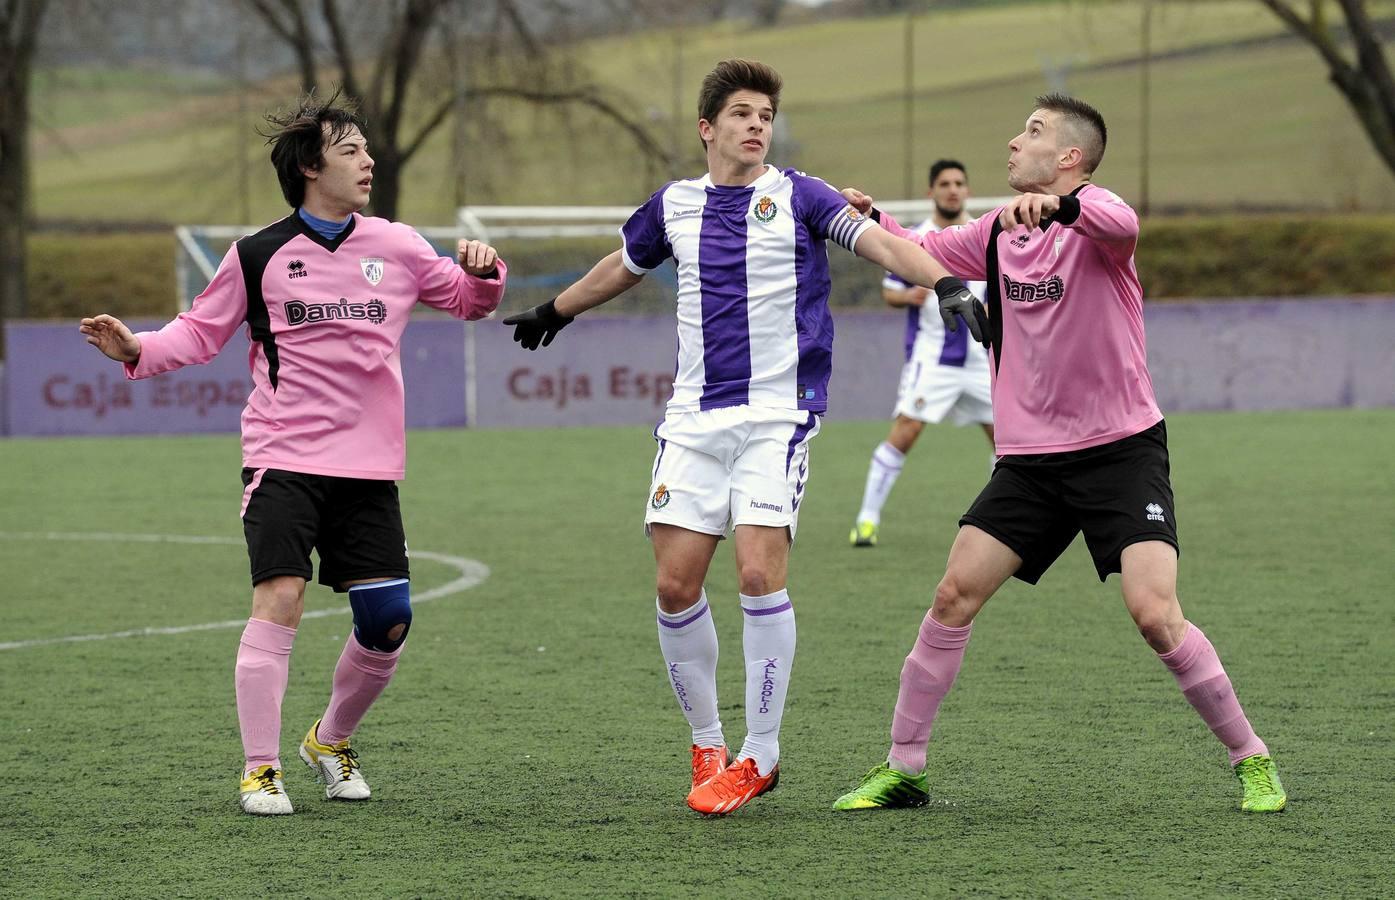 Real Valladolid B 3 - 1 Cristo Atlético